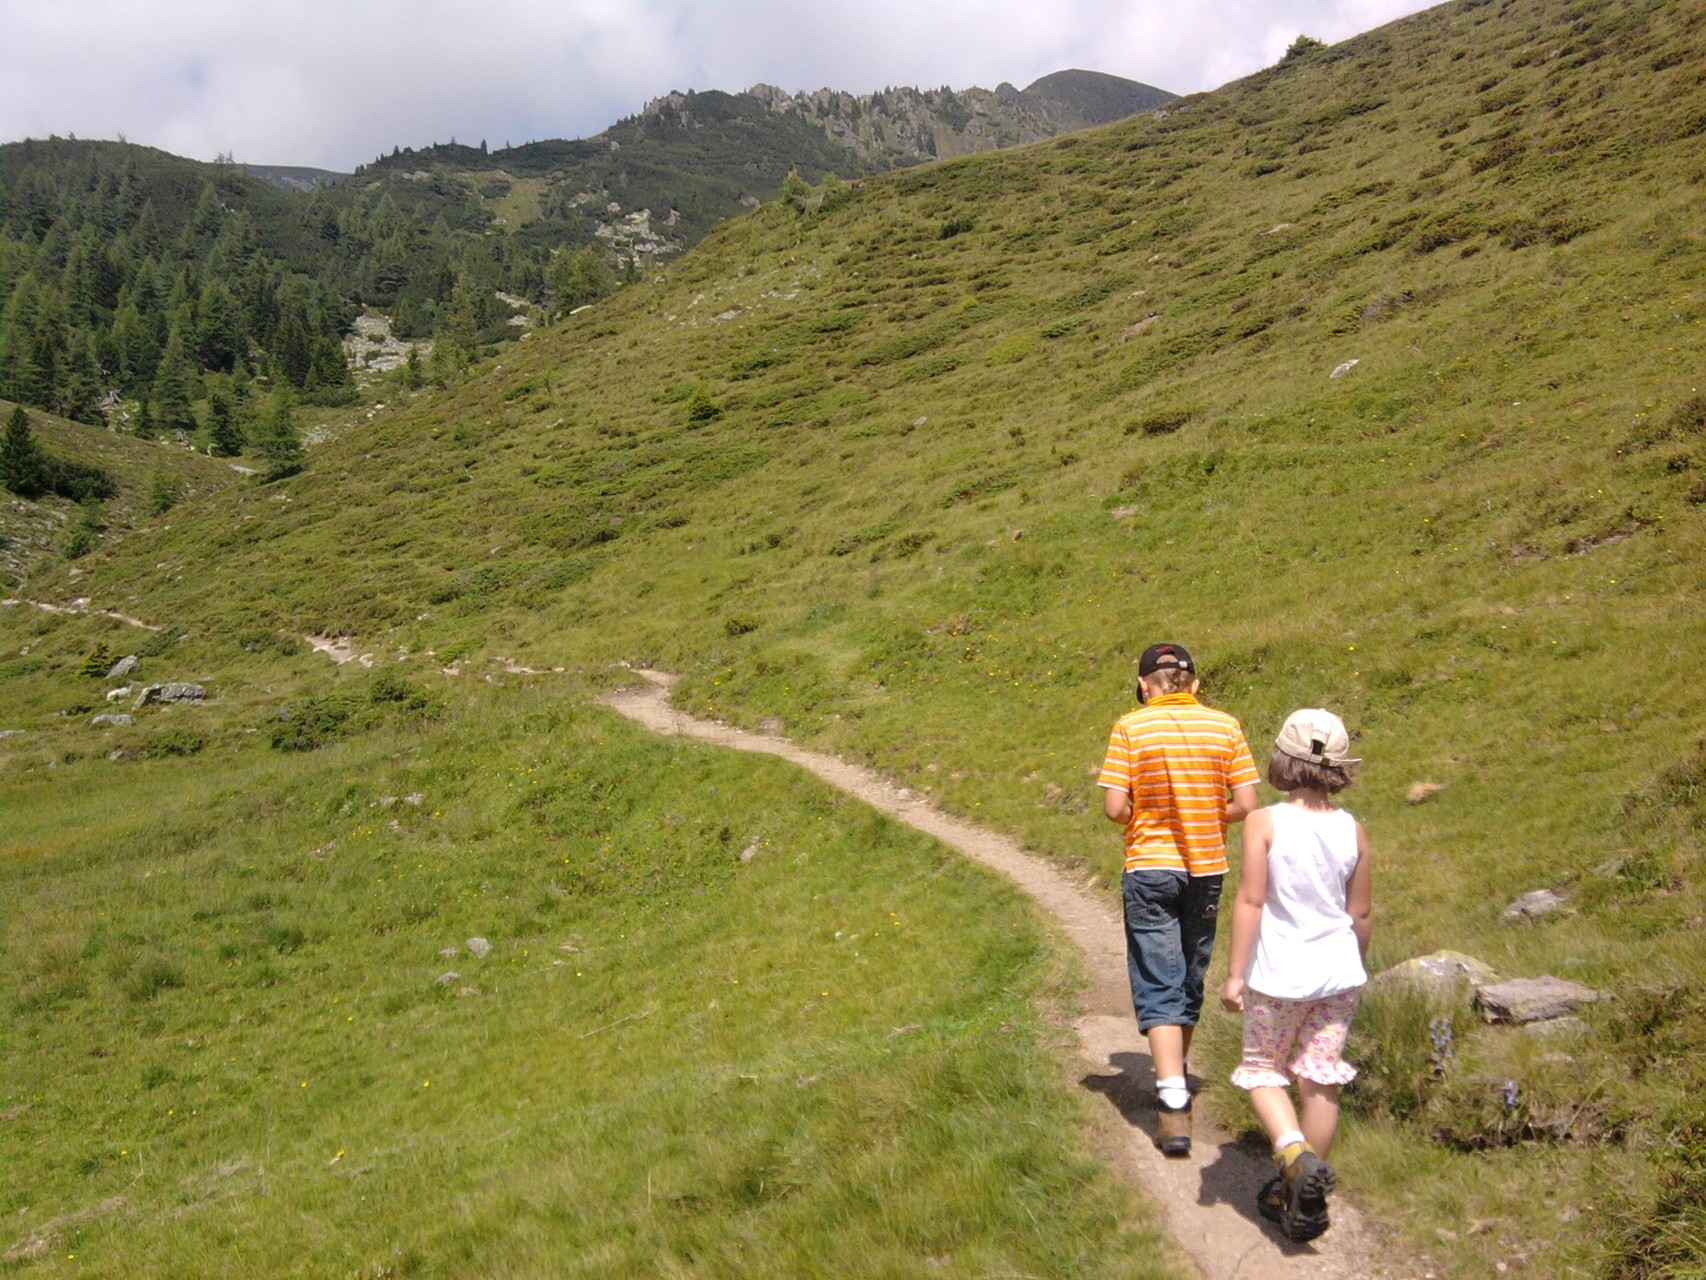 herrliche Wanderwege im Biosphährenpark Nockberge